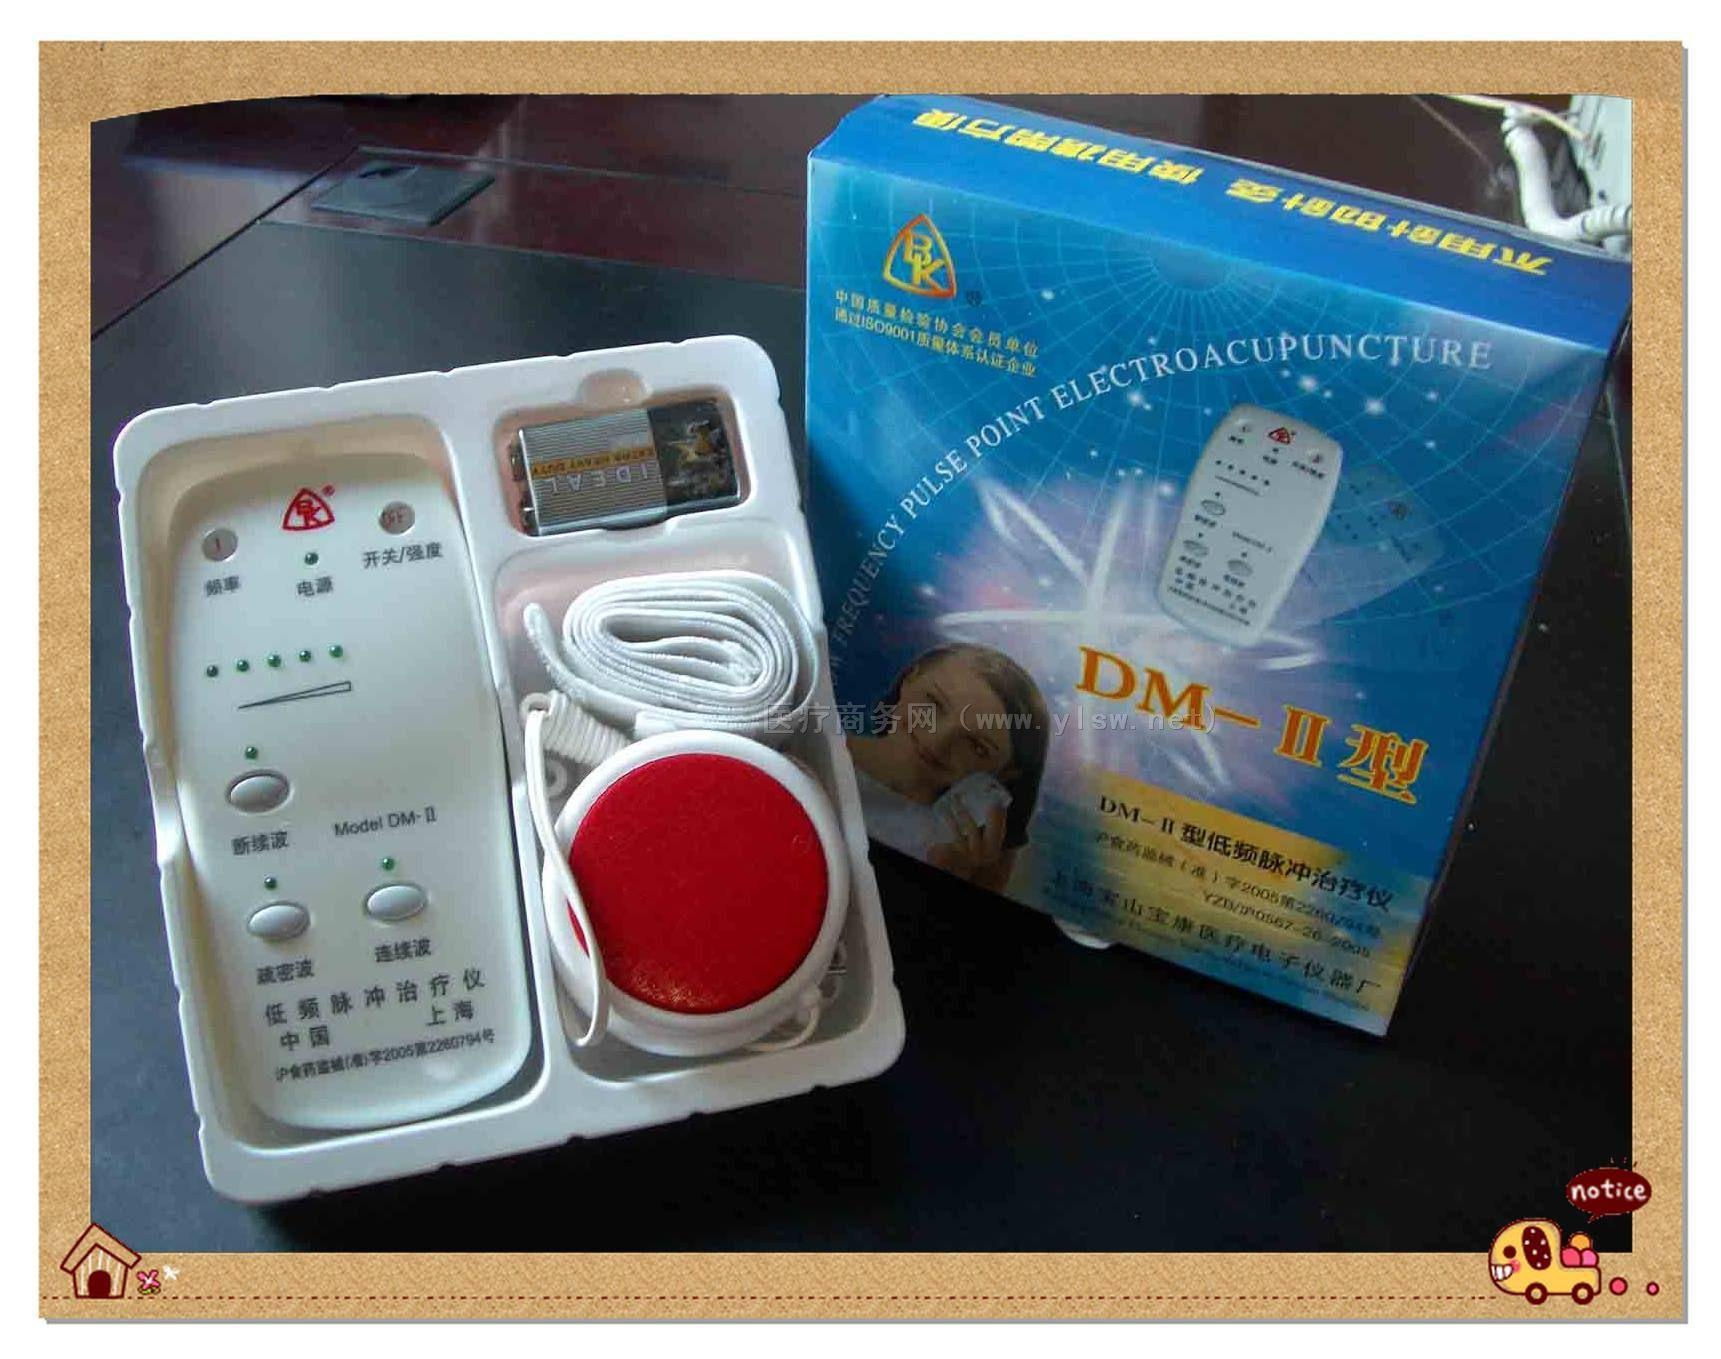 供应DM-II型低频脉冲穴位治疗仪